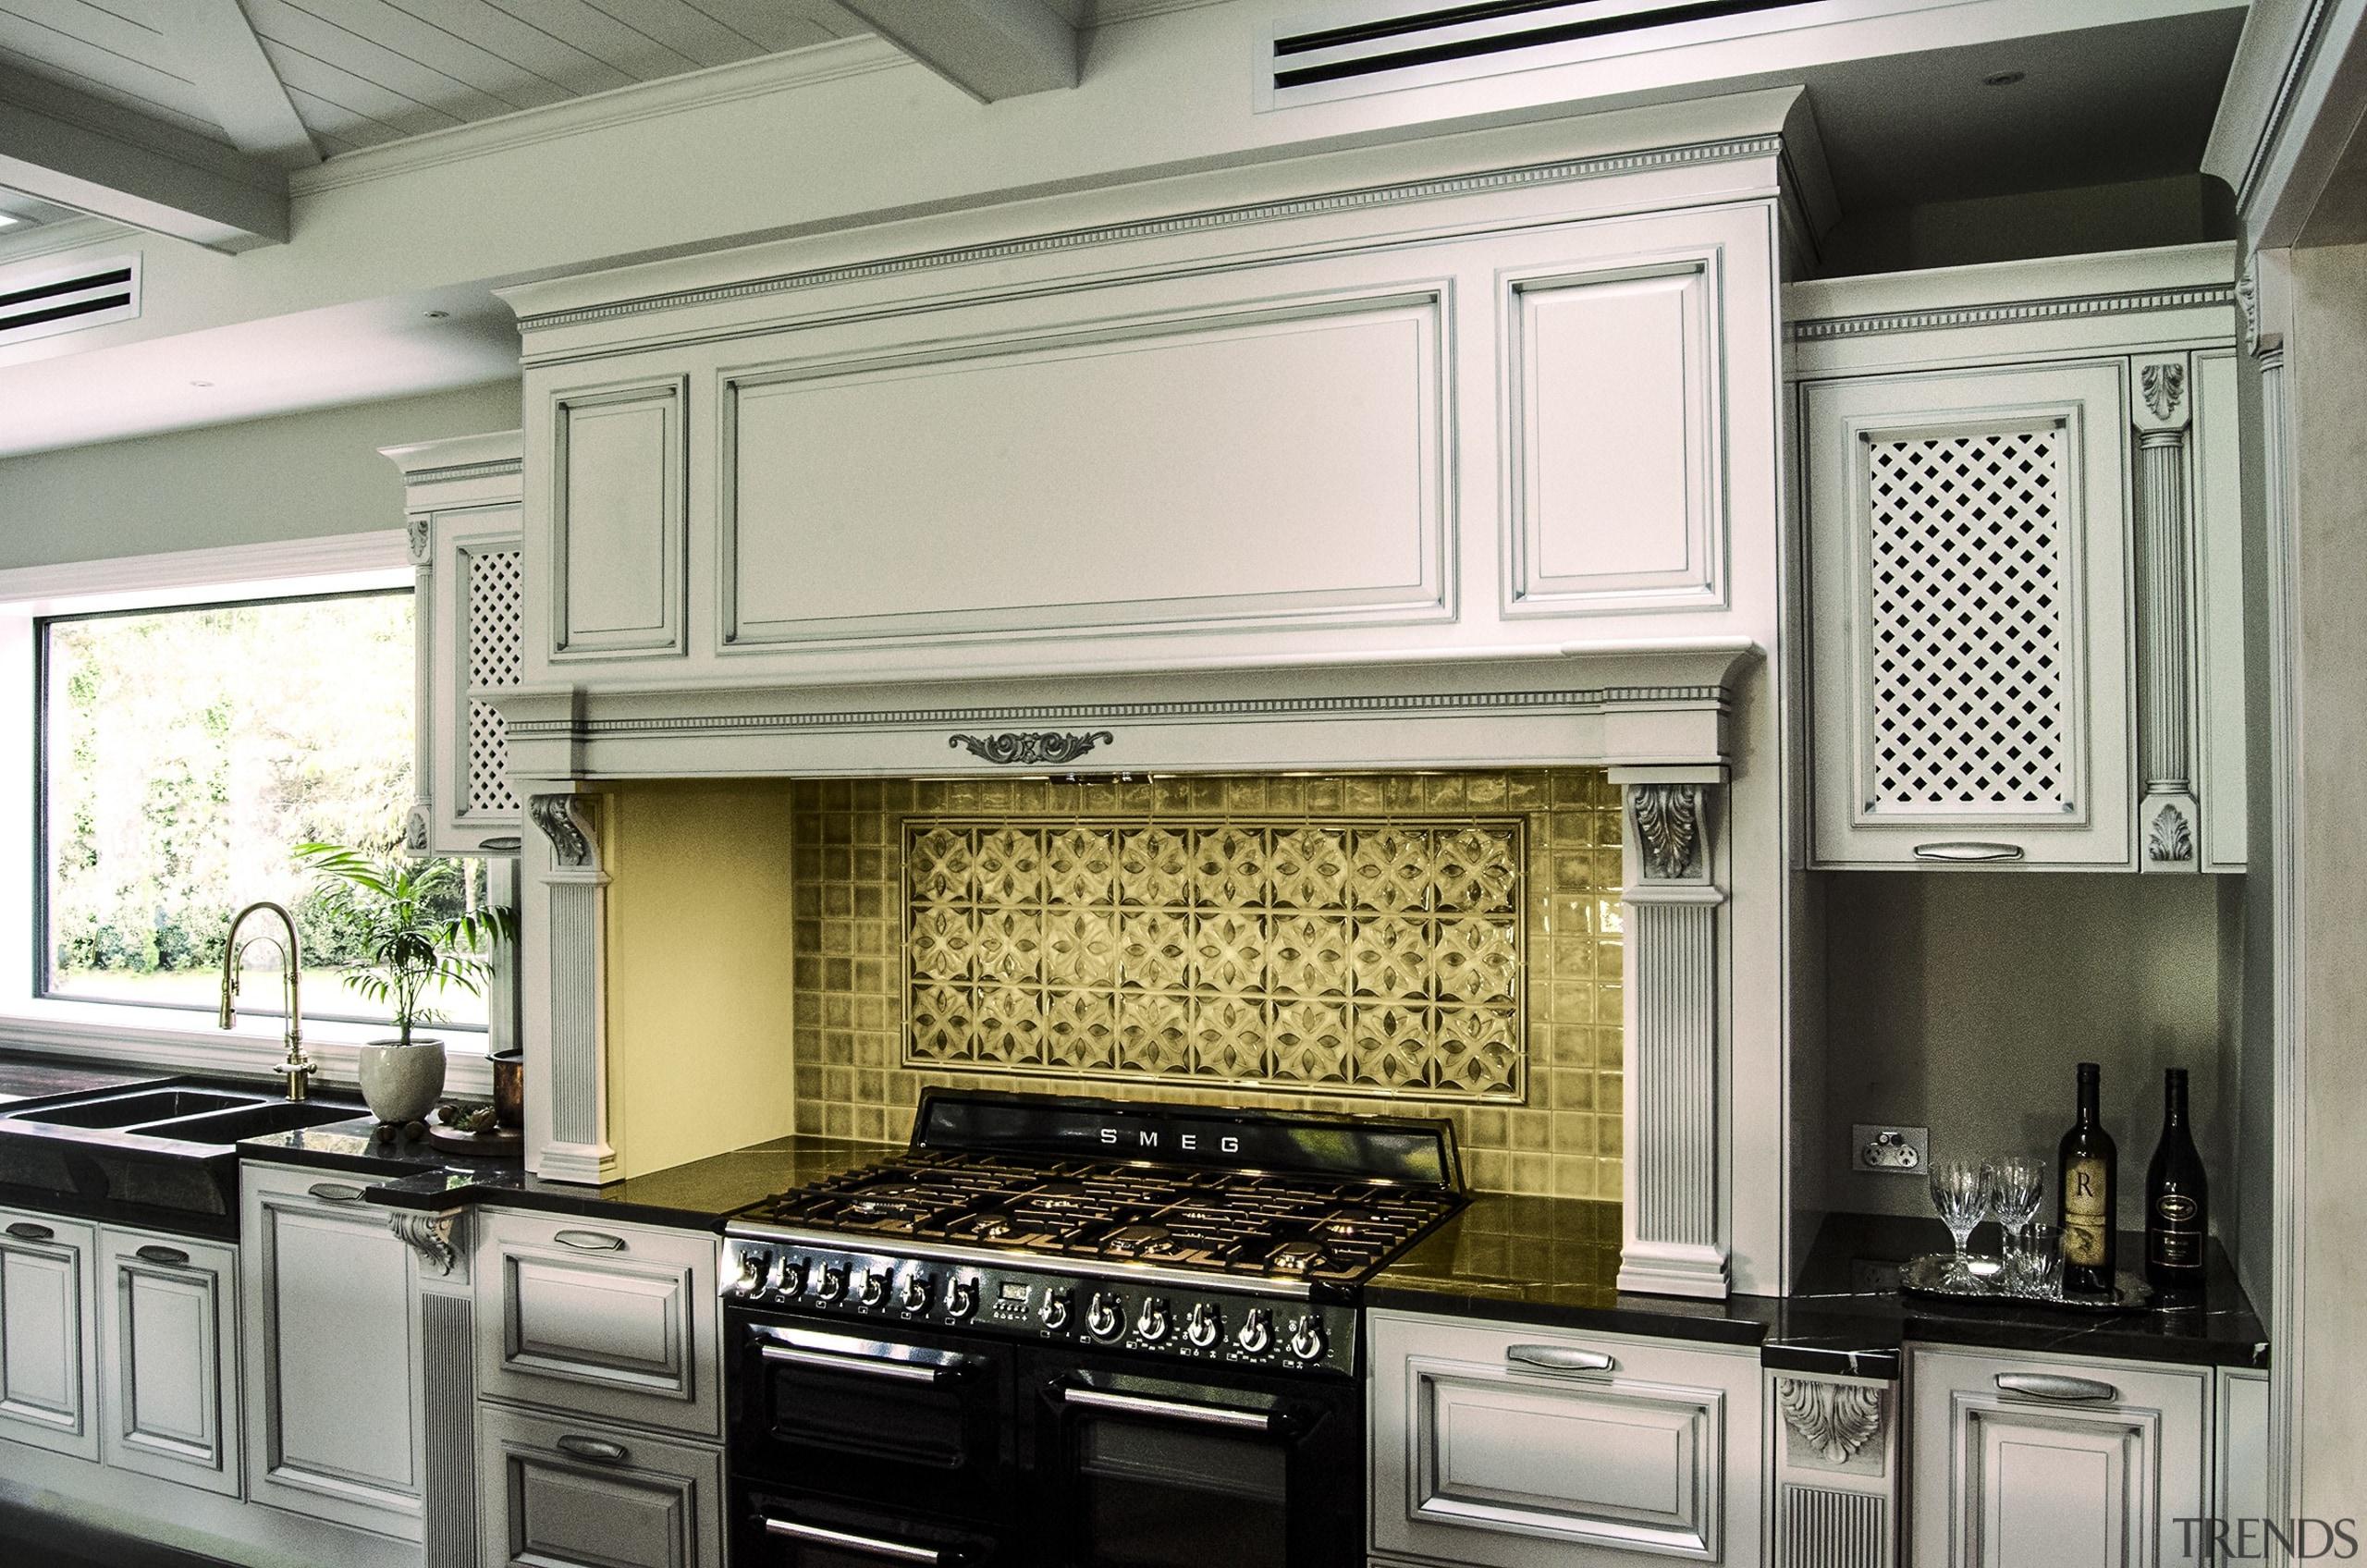 goodlandresidence1.jpg - goodlandresidence1.jpg - cabinetry | countertop | cabinetry, countertop, cuisine classique, home appliance, interior design, kitchen, kitchen appliance, kitchen stove, gray